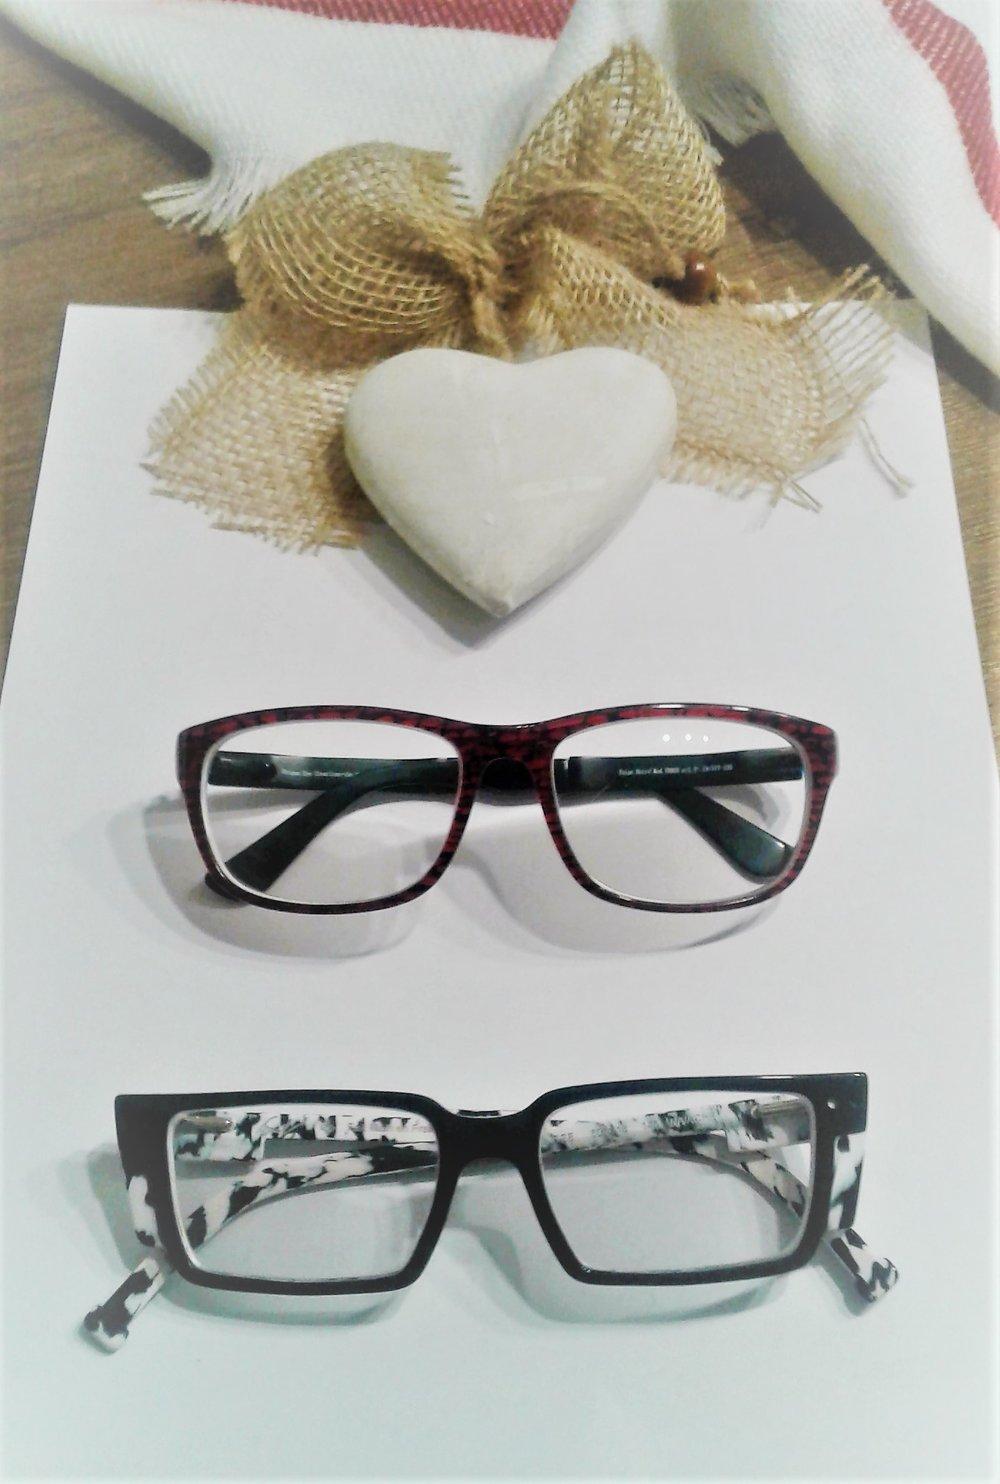 lunette5.jpg